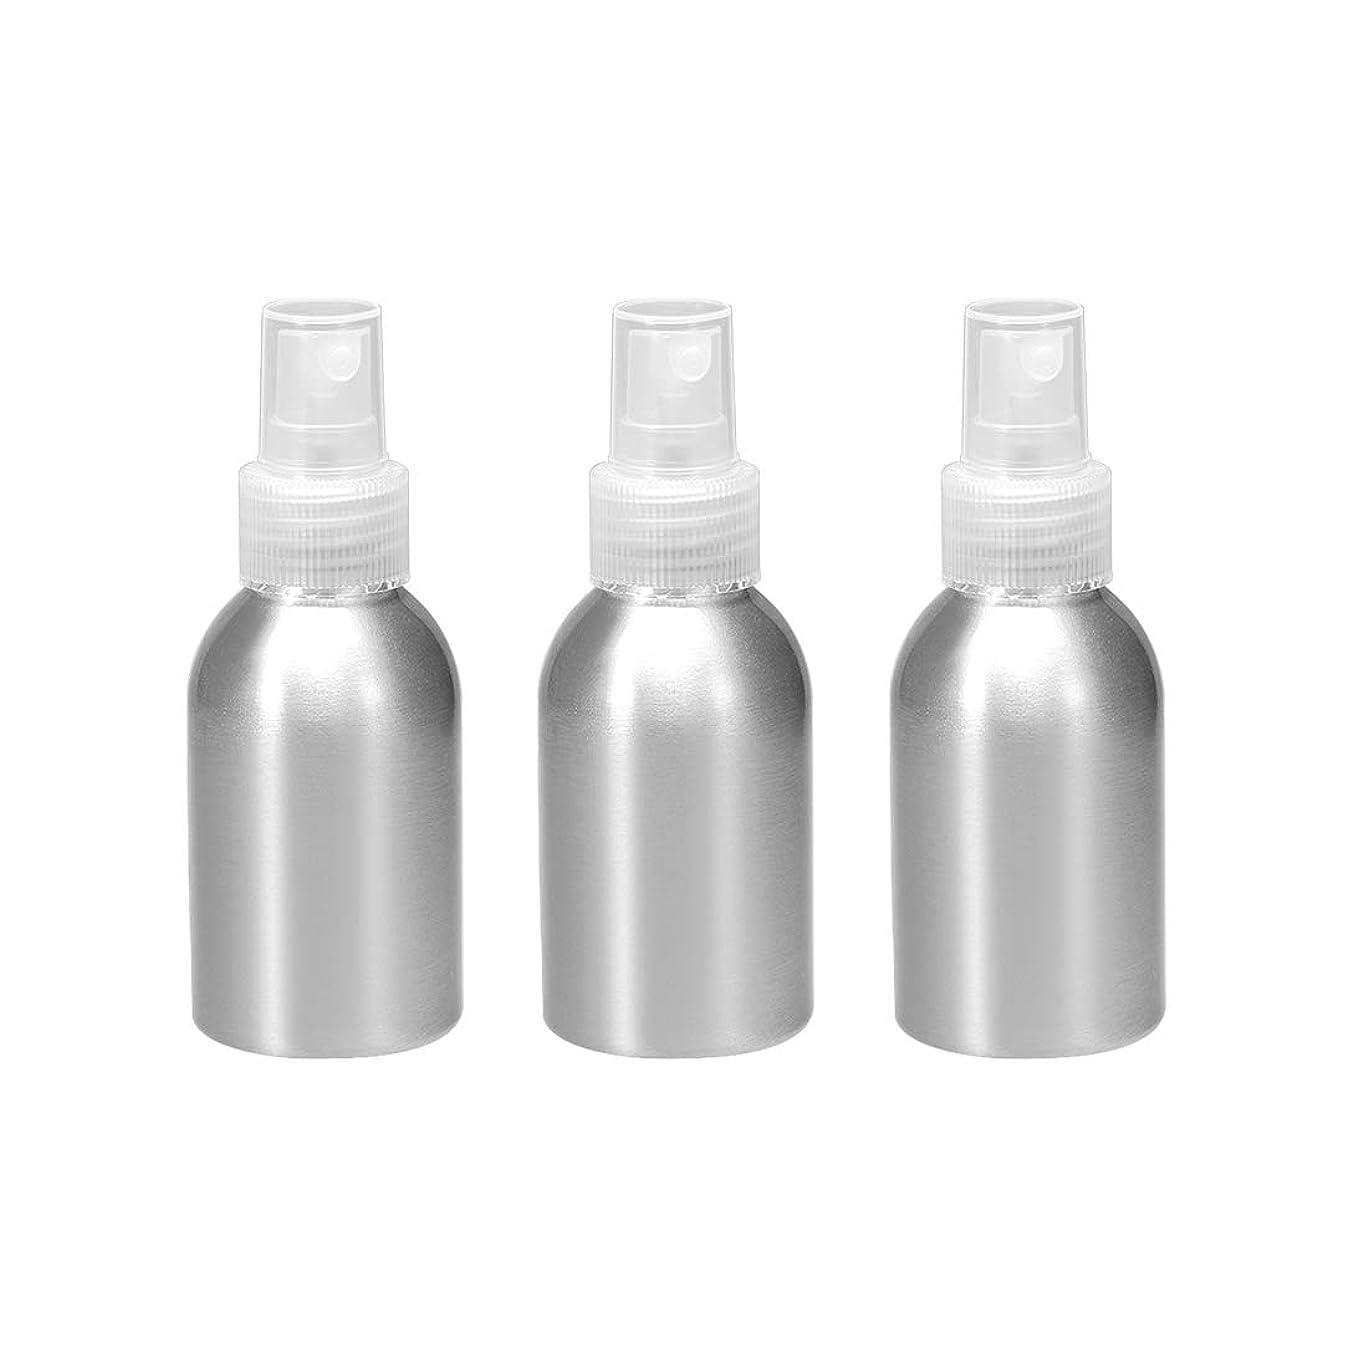 世界ウェイトレス相関するuxcell uxcell アルミスプレーボトル クリアファインミストスプレー付き 空の詰め替え式コンテナ トラベルボトル 1.7oz/50ml 3個入り